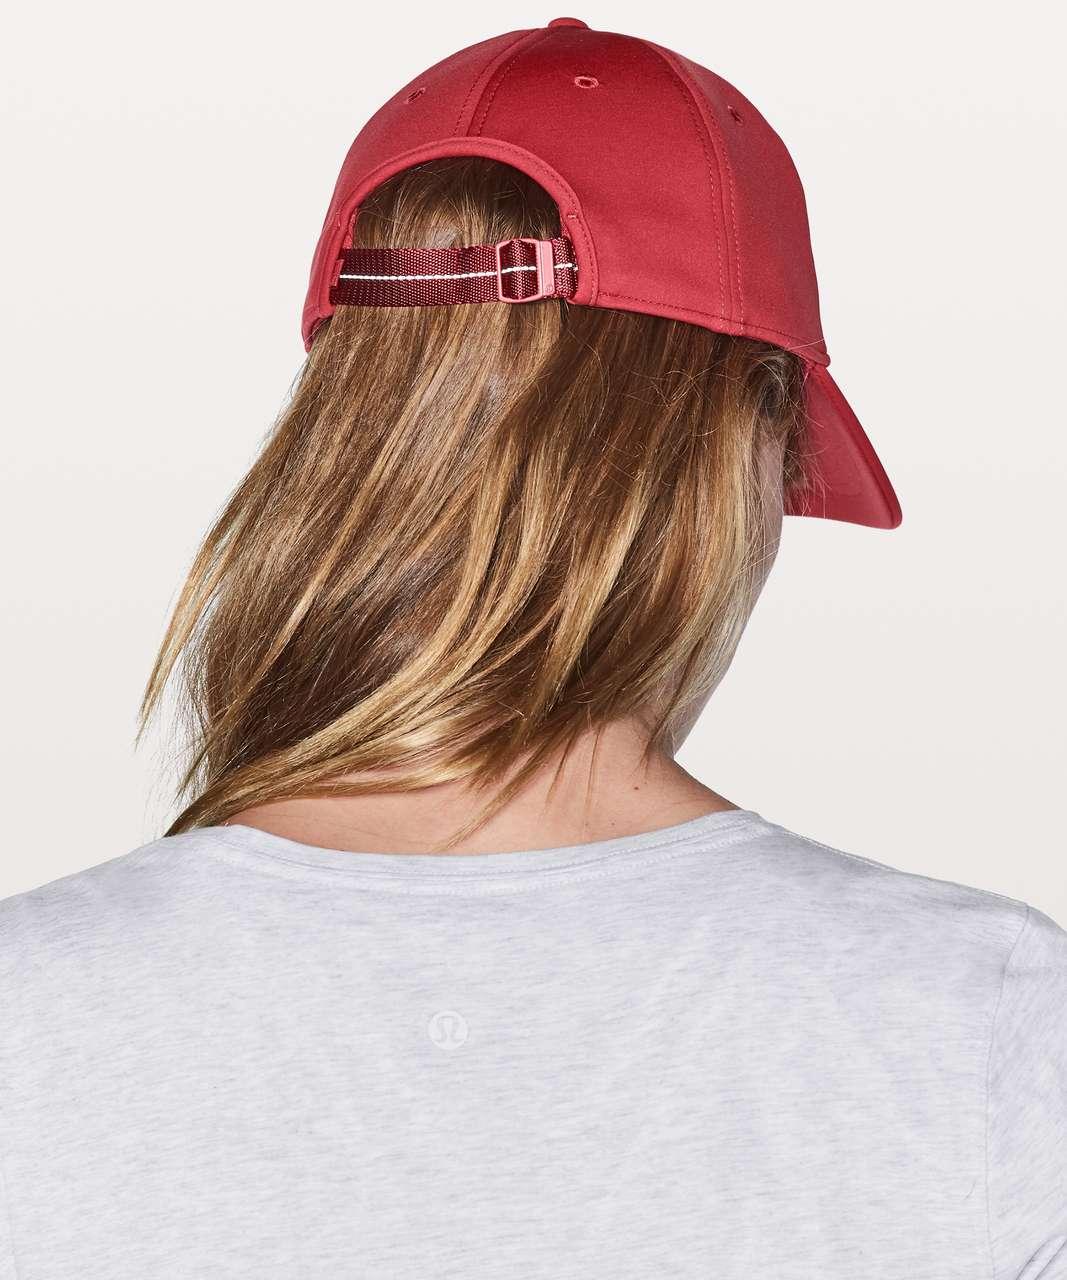 Lululemon Baller Hat - Persian Red